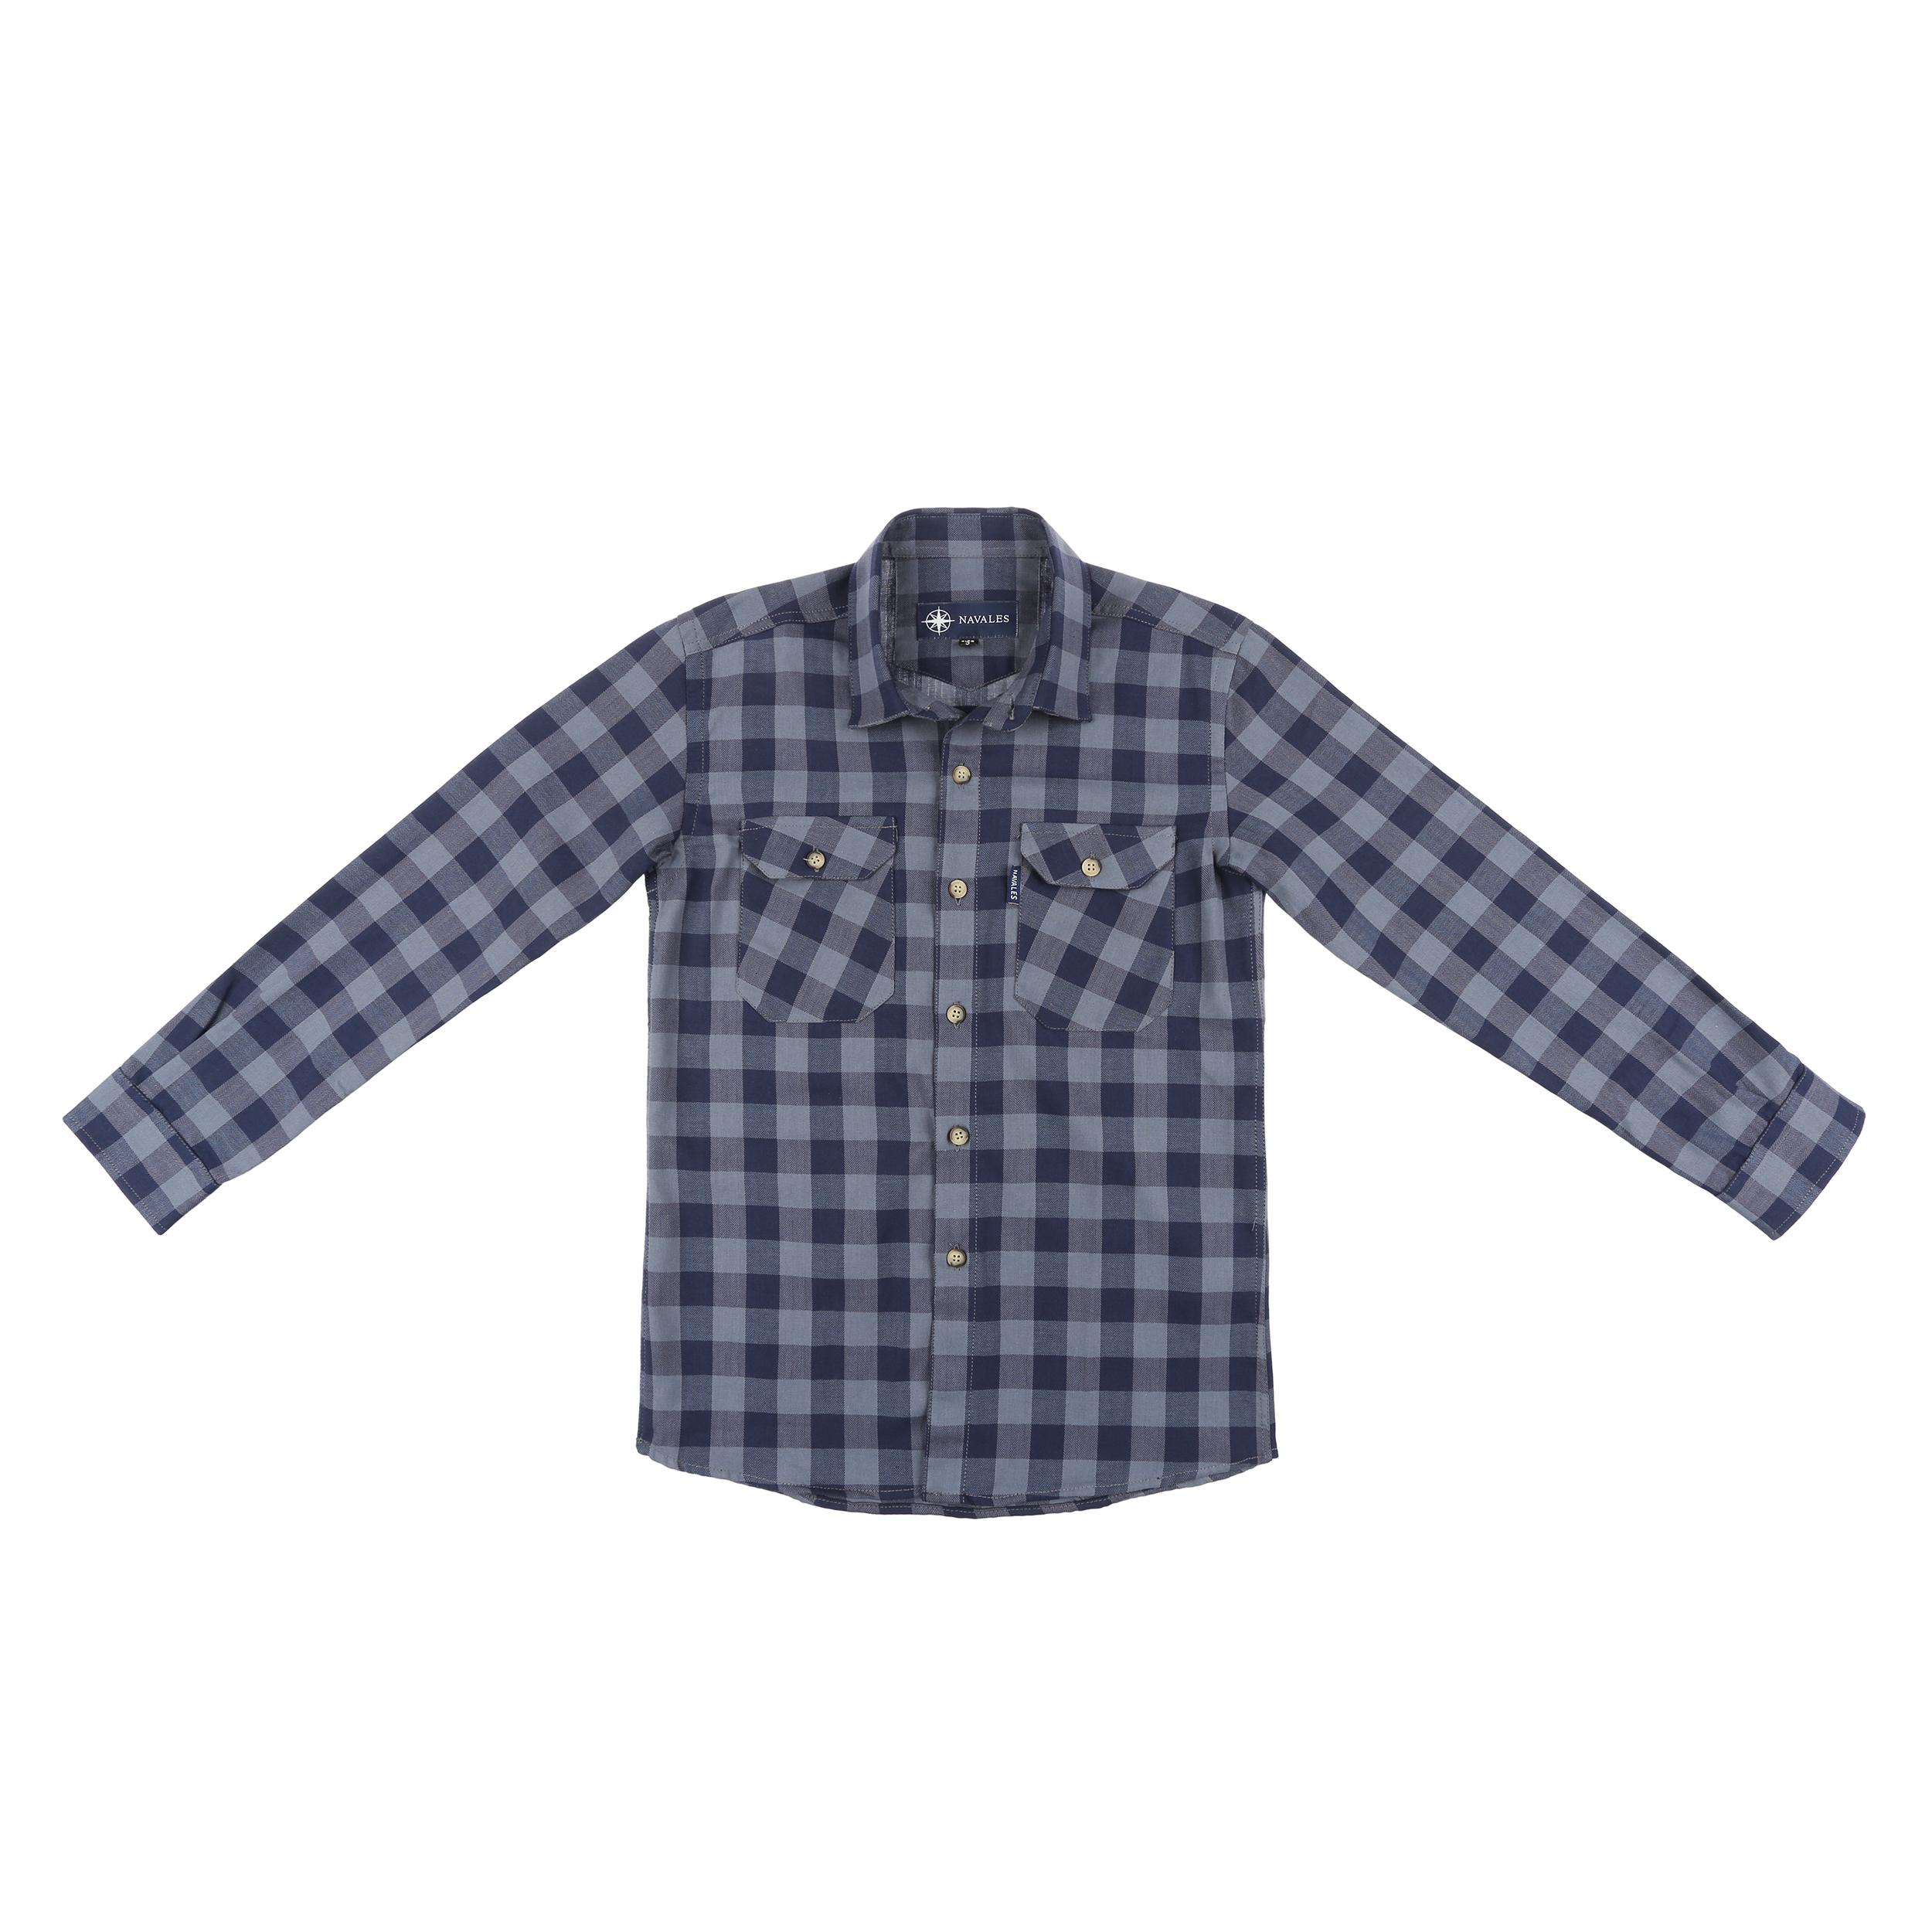 پیراهن پسرانه ناوالس کد D-20119-GY main 1 1